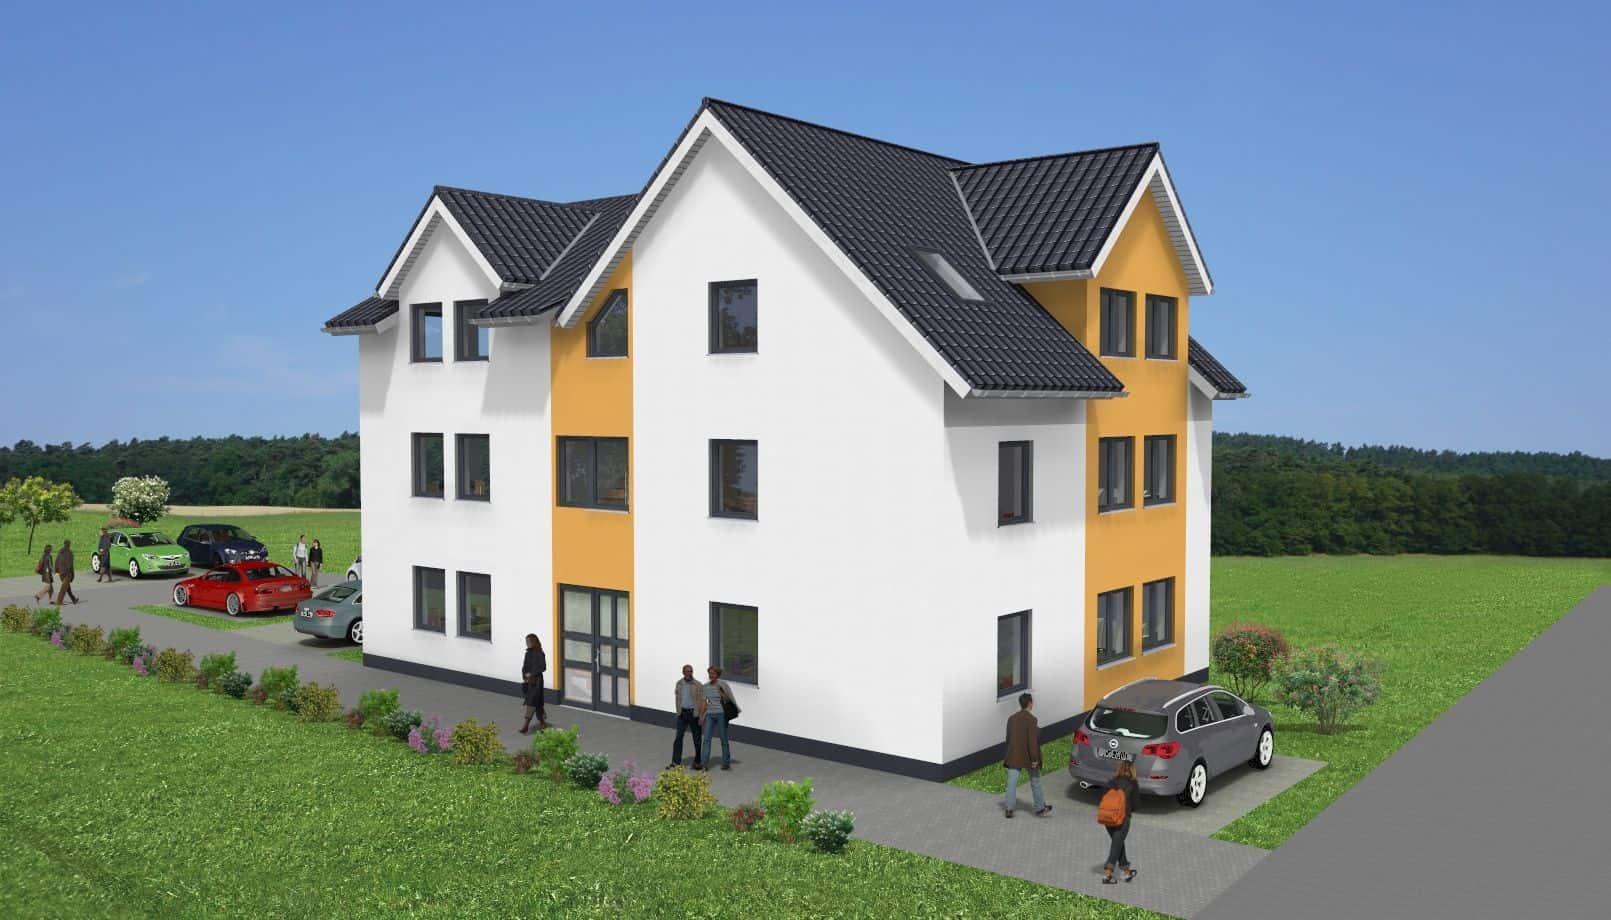 Mehrfamilienhaus in 99817 Eisenach, Gothaer Straße 87